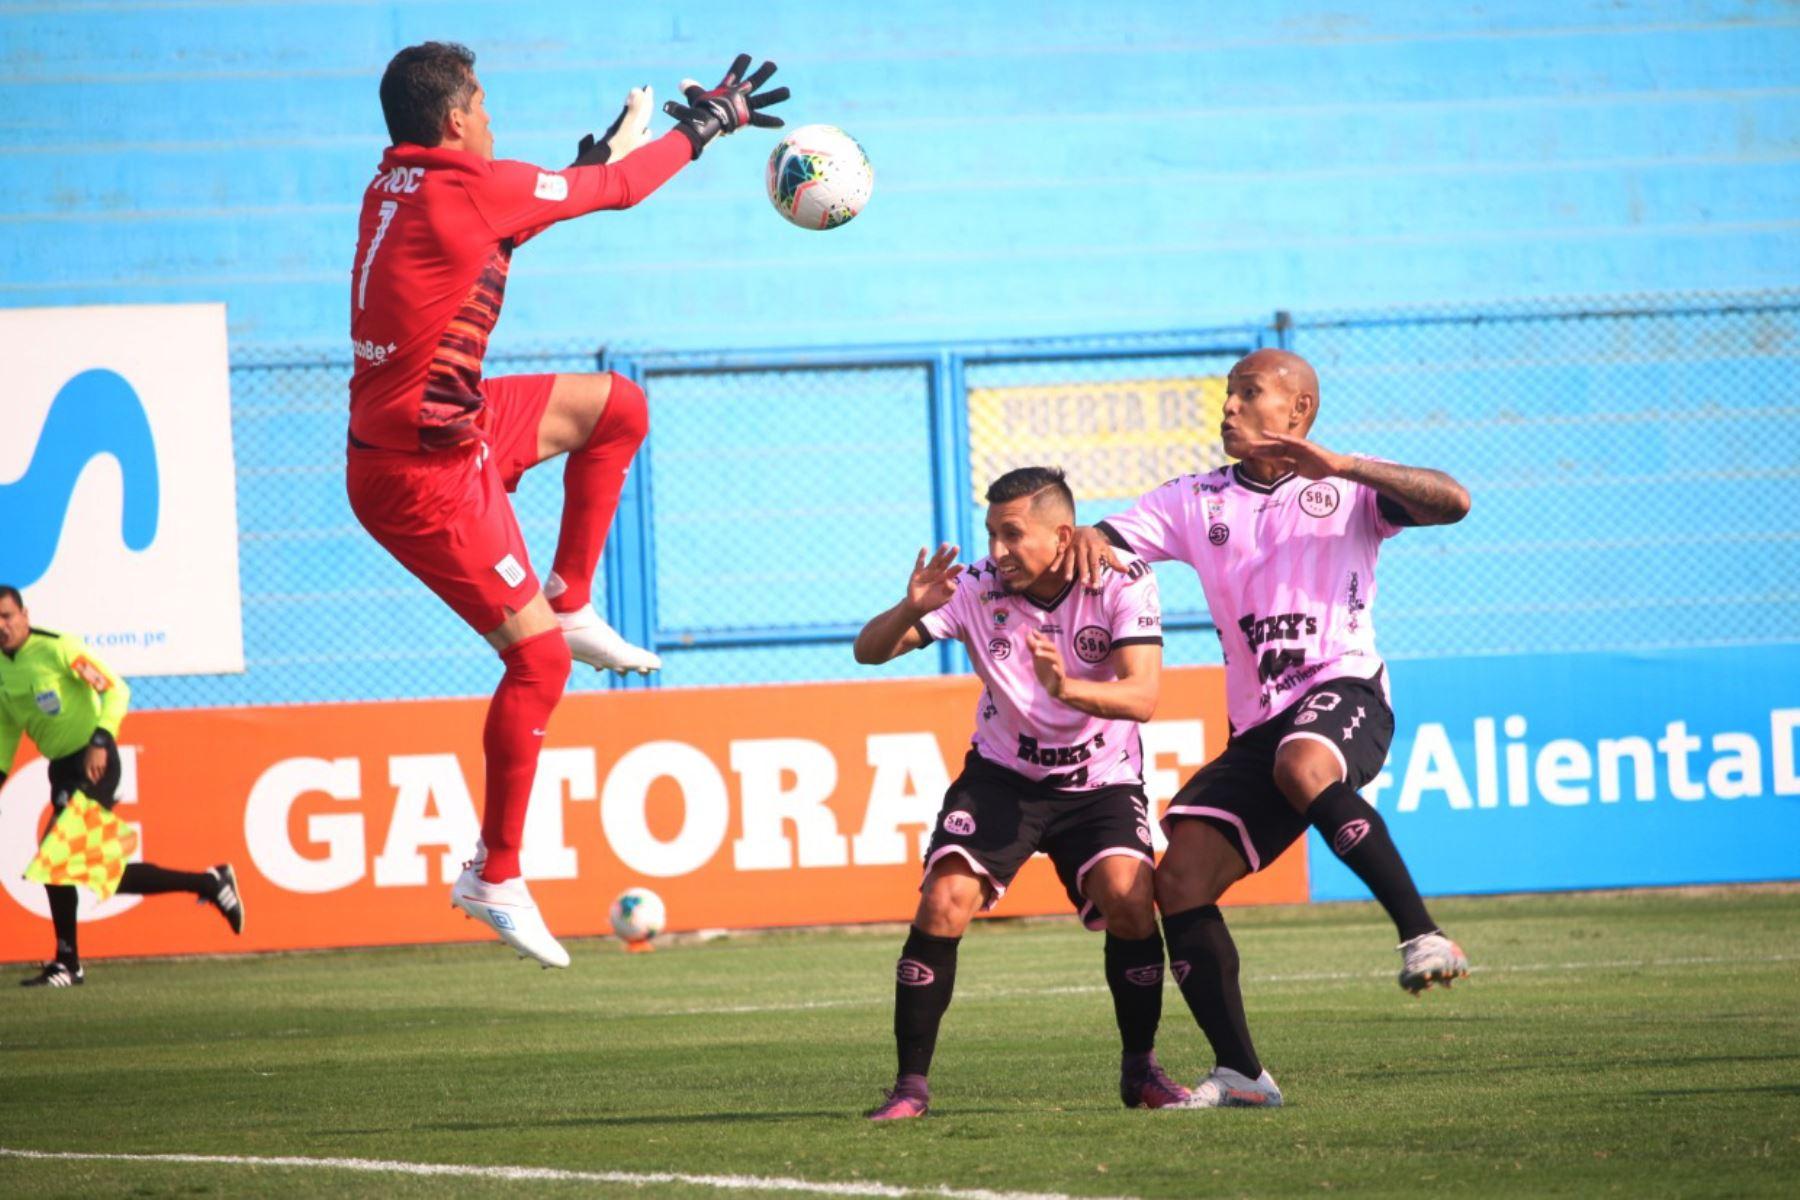 El futbolista Leao Butrón  de  Alianza Lima, disputa la pelota ante jugadores del  Sport Boys, durante el partido por la Fase 2 de la fecha 7 de la Liga 1 en el estadio Alberto Gallardo. Foto: @LigaFutProfdel